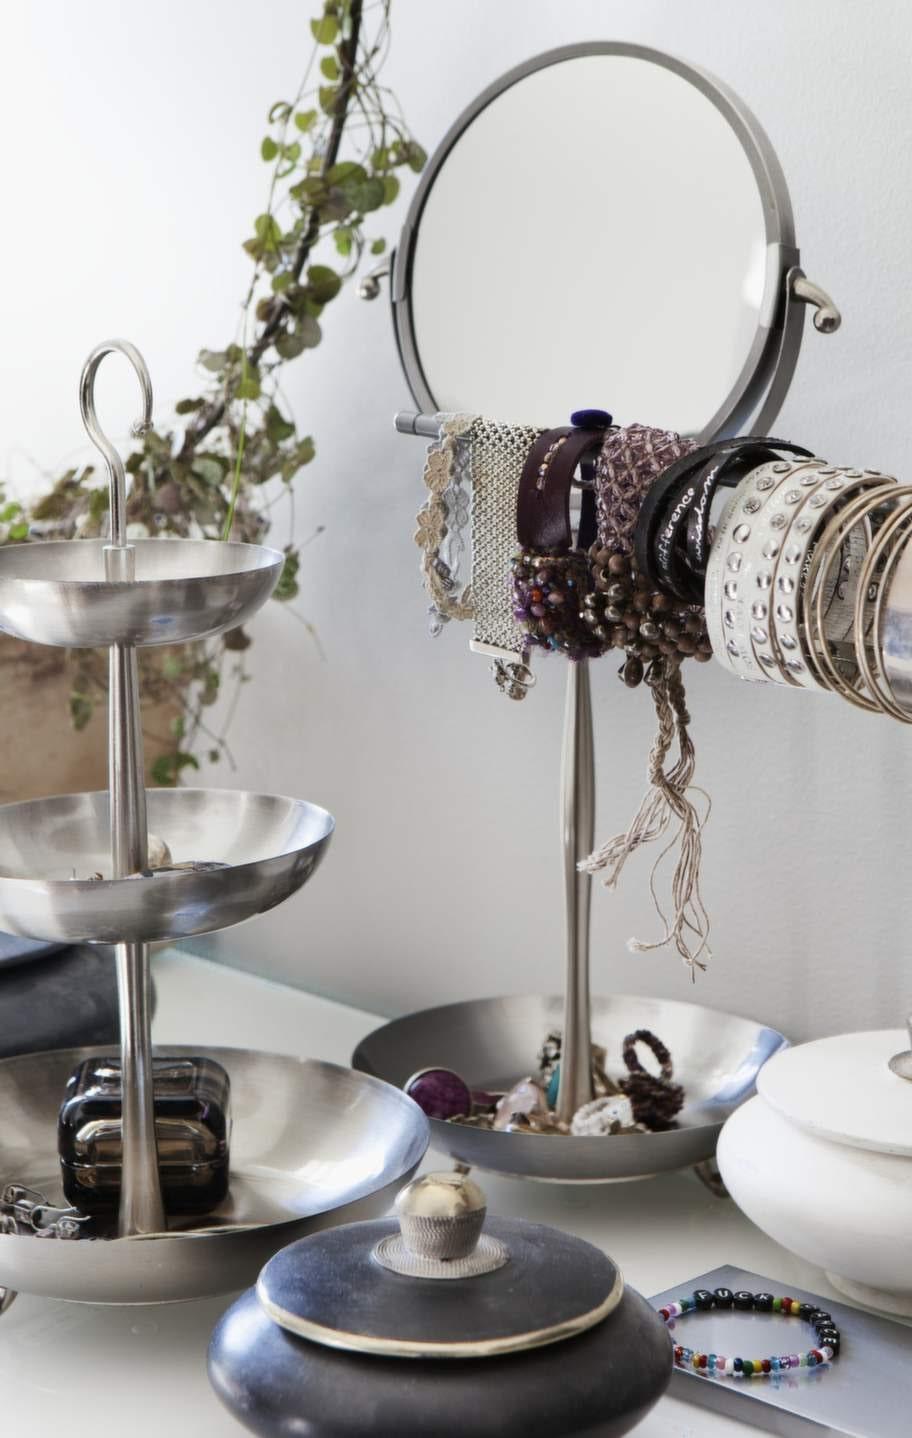 I badrummet förvarar Camilla sina smycken. Fat och spegel från serien Lillholmen, båda från Ikea. Brun glasbox Vitriini från Ittala.